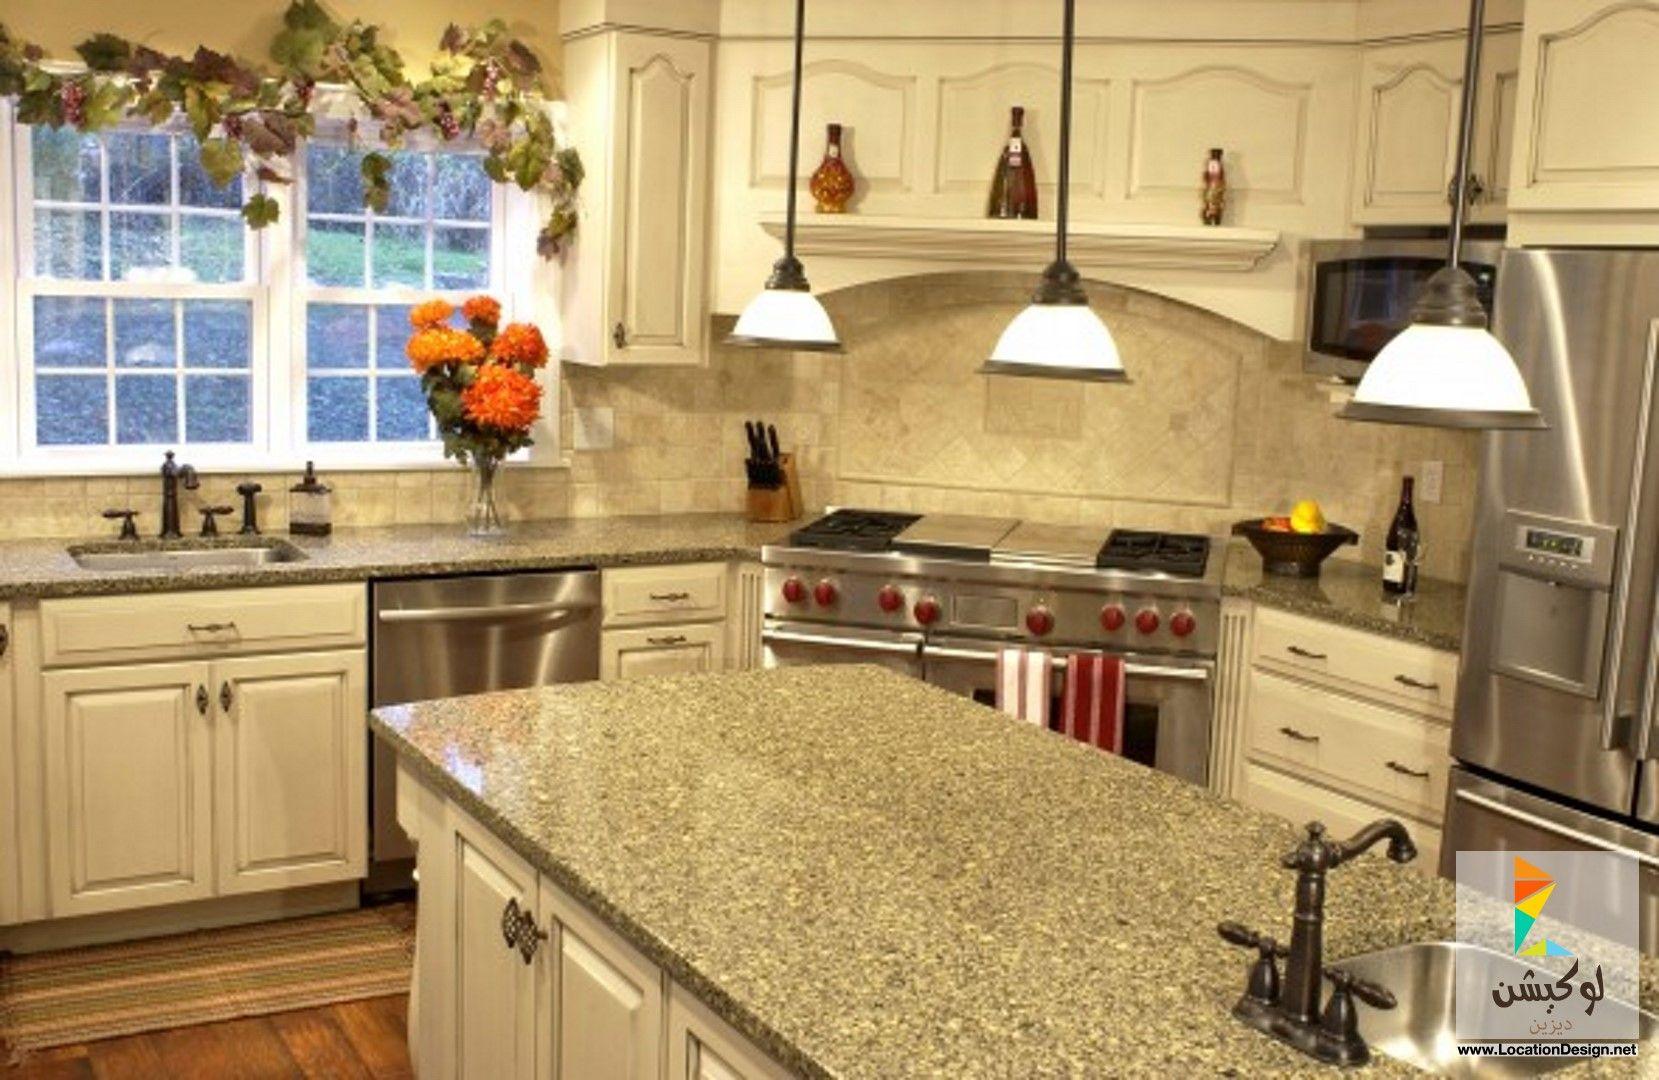 أجمل وأفخم ديكورات مطابخ خشب لوكيشن ديزاين تصميمات ديكورات أفكار جديدة مصر Kitchen Remodel Small Kitchen Remodel Small Kitchen Renovations